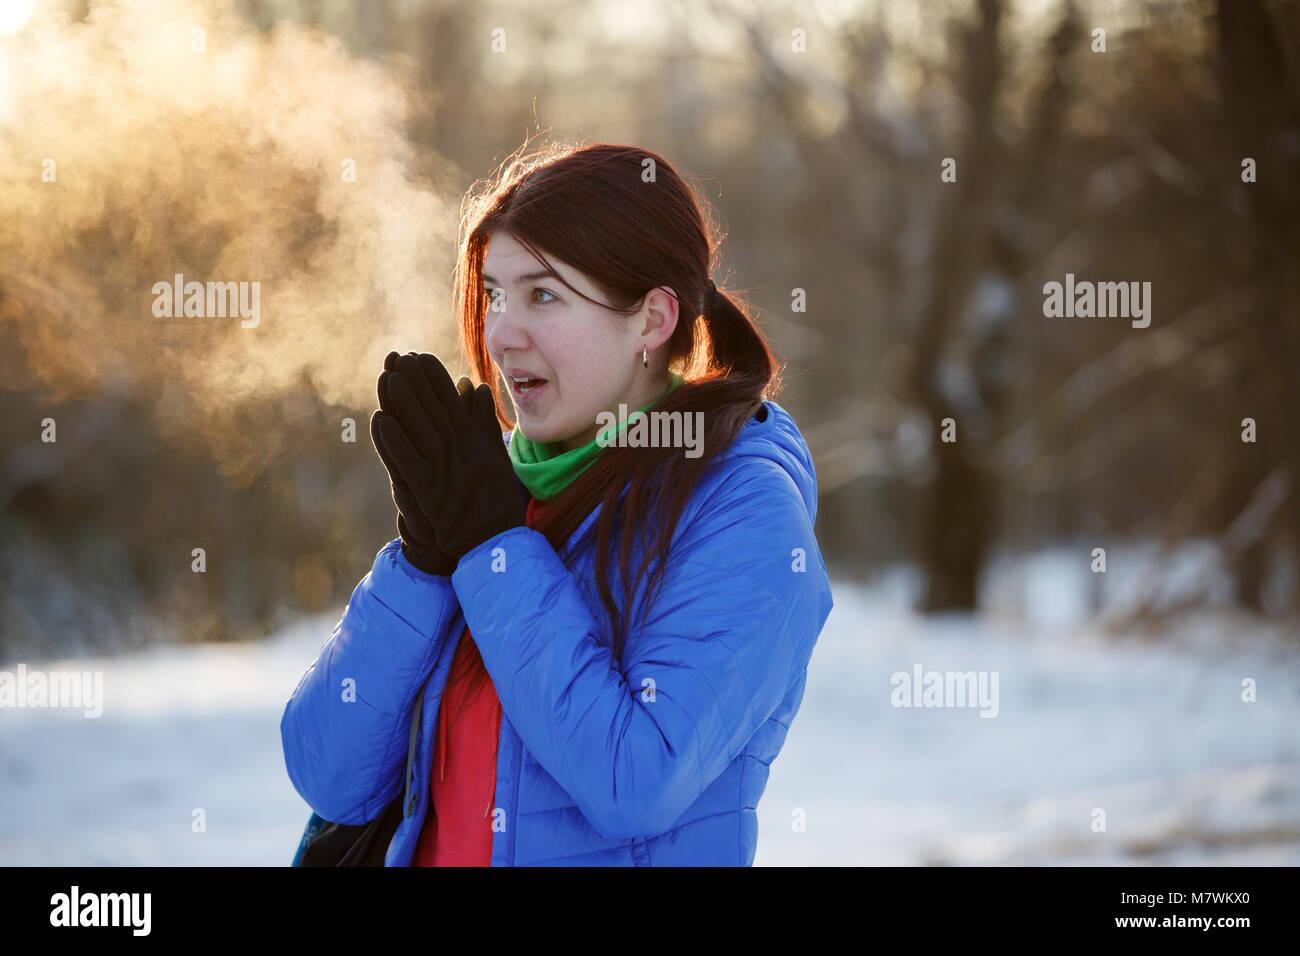 Immagine della donna sportivo riscaldando le mani nella foresta di inverno Immagini Stock